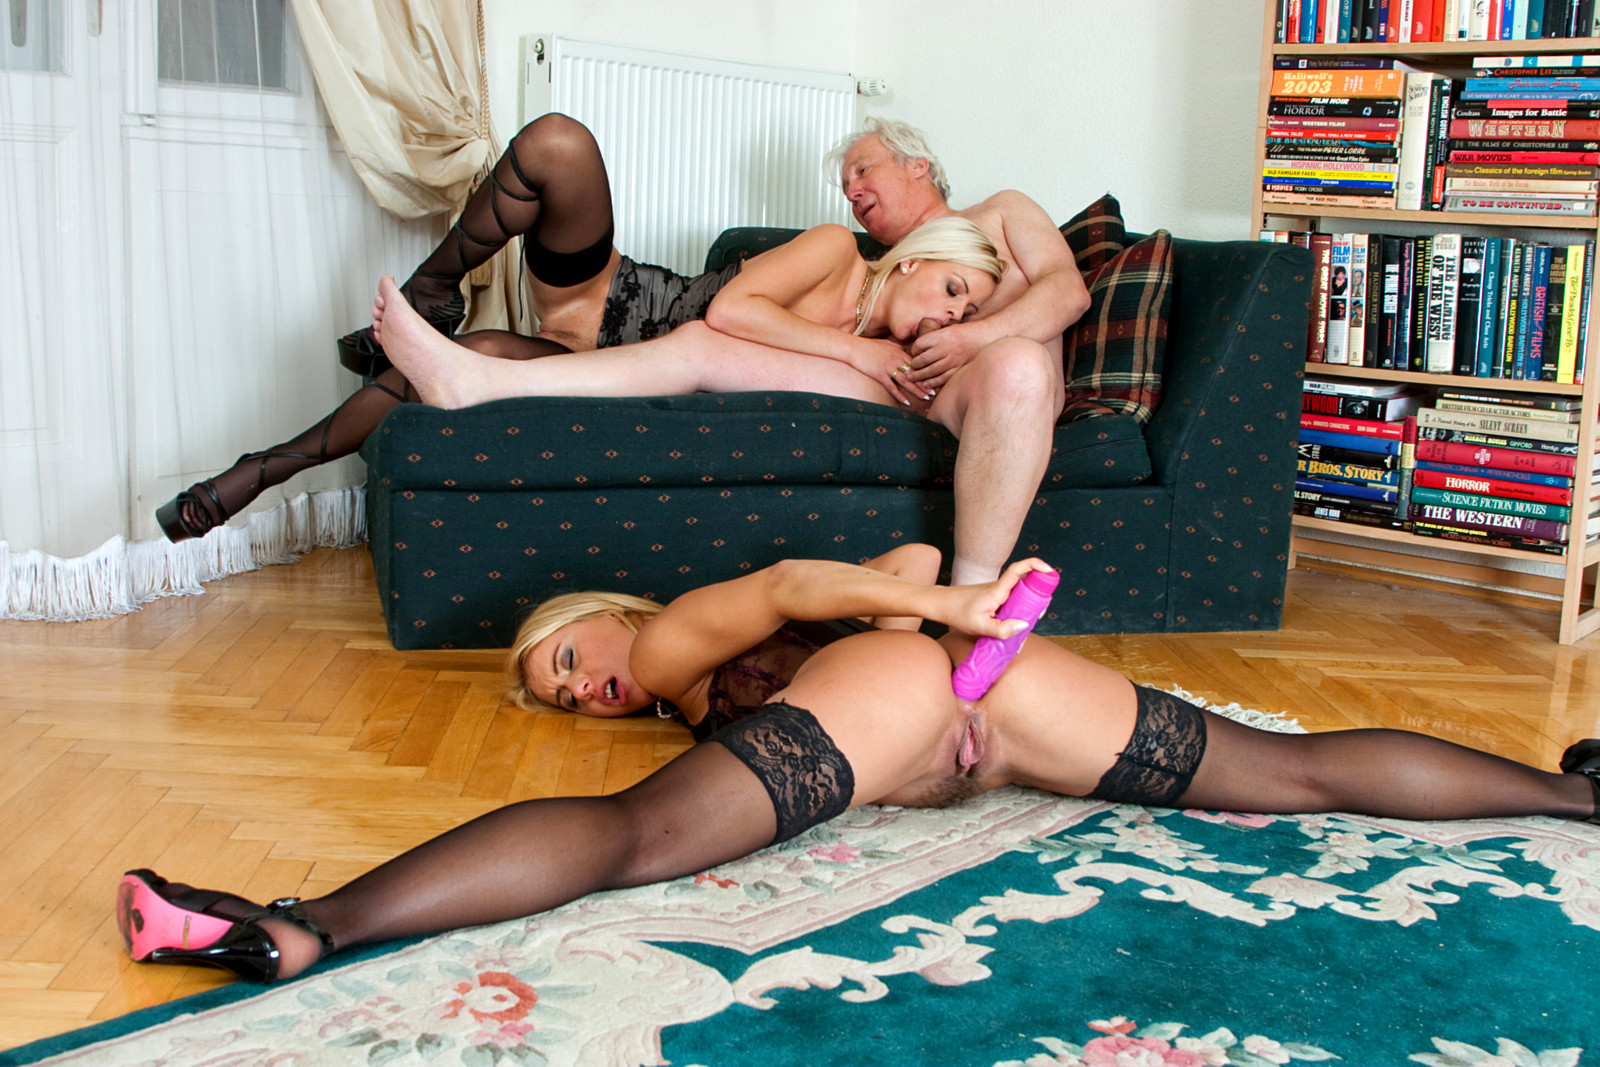 Развратные пенсионерки секс фото